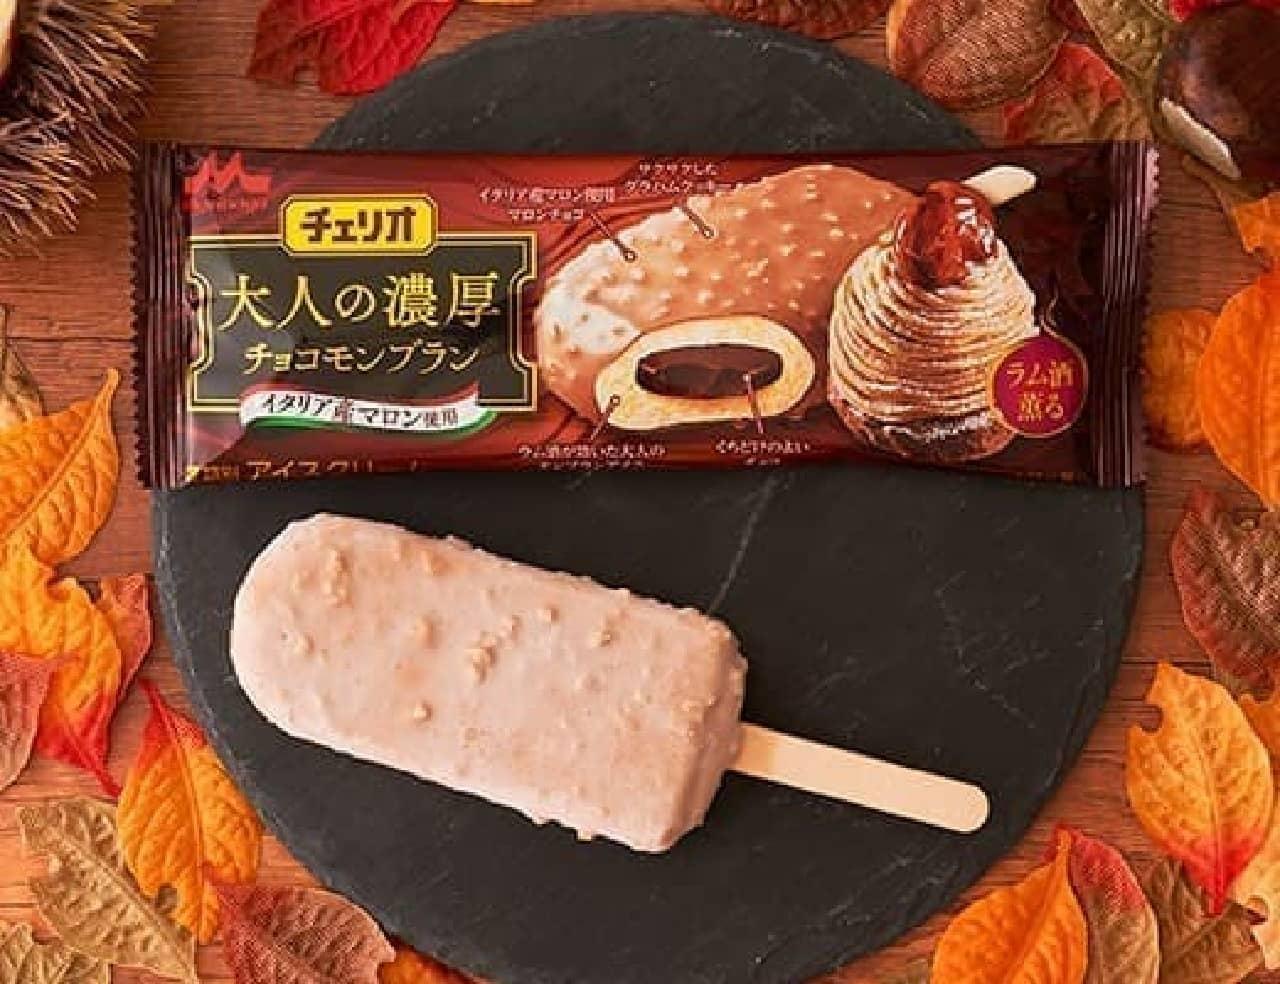 森永乳業 チェリオ 濃厚チョコモンブラン 85ml